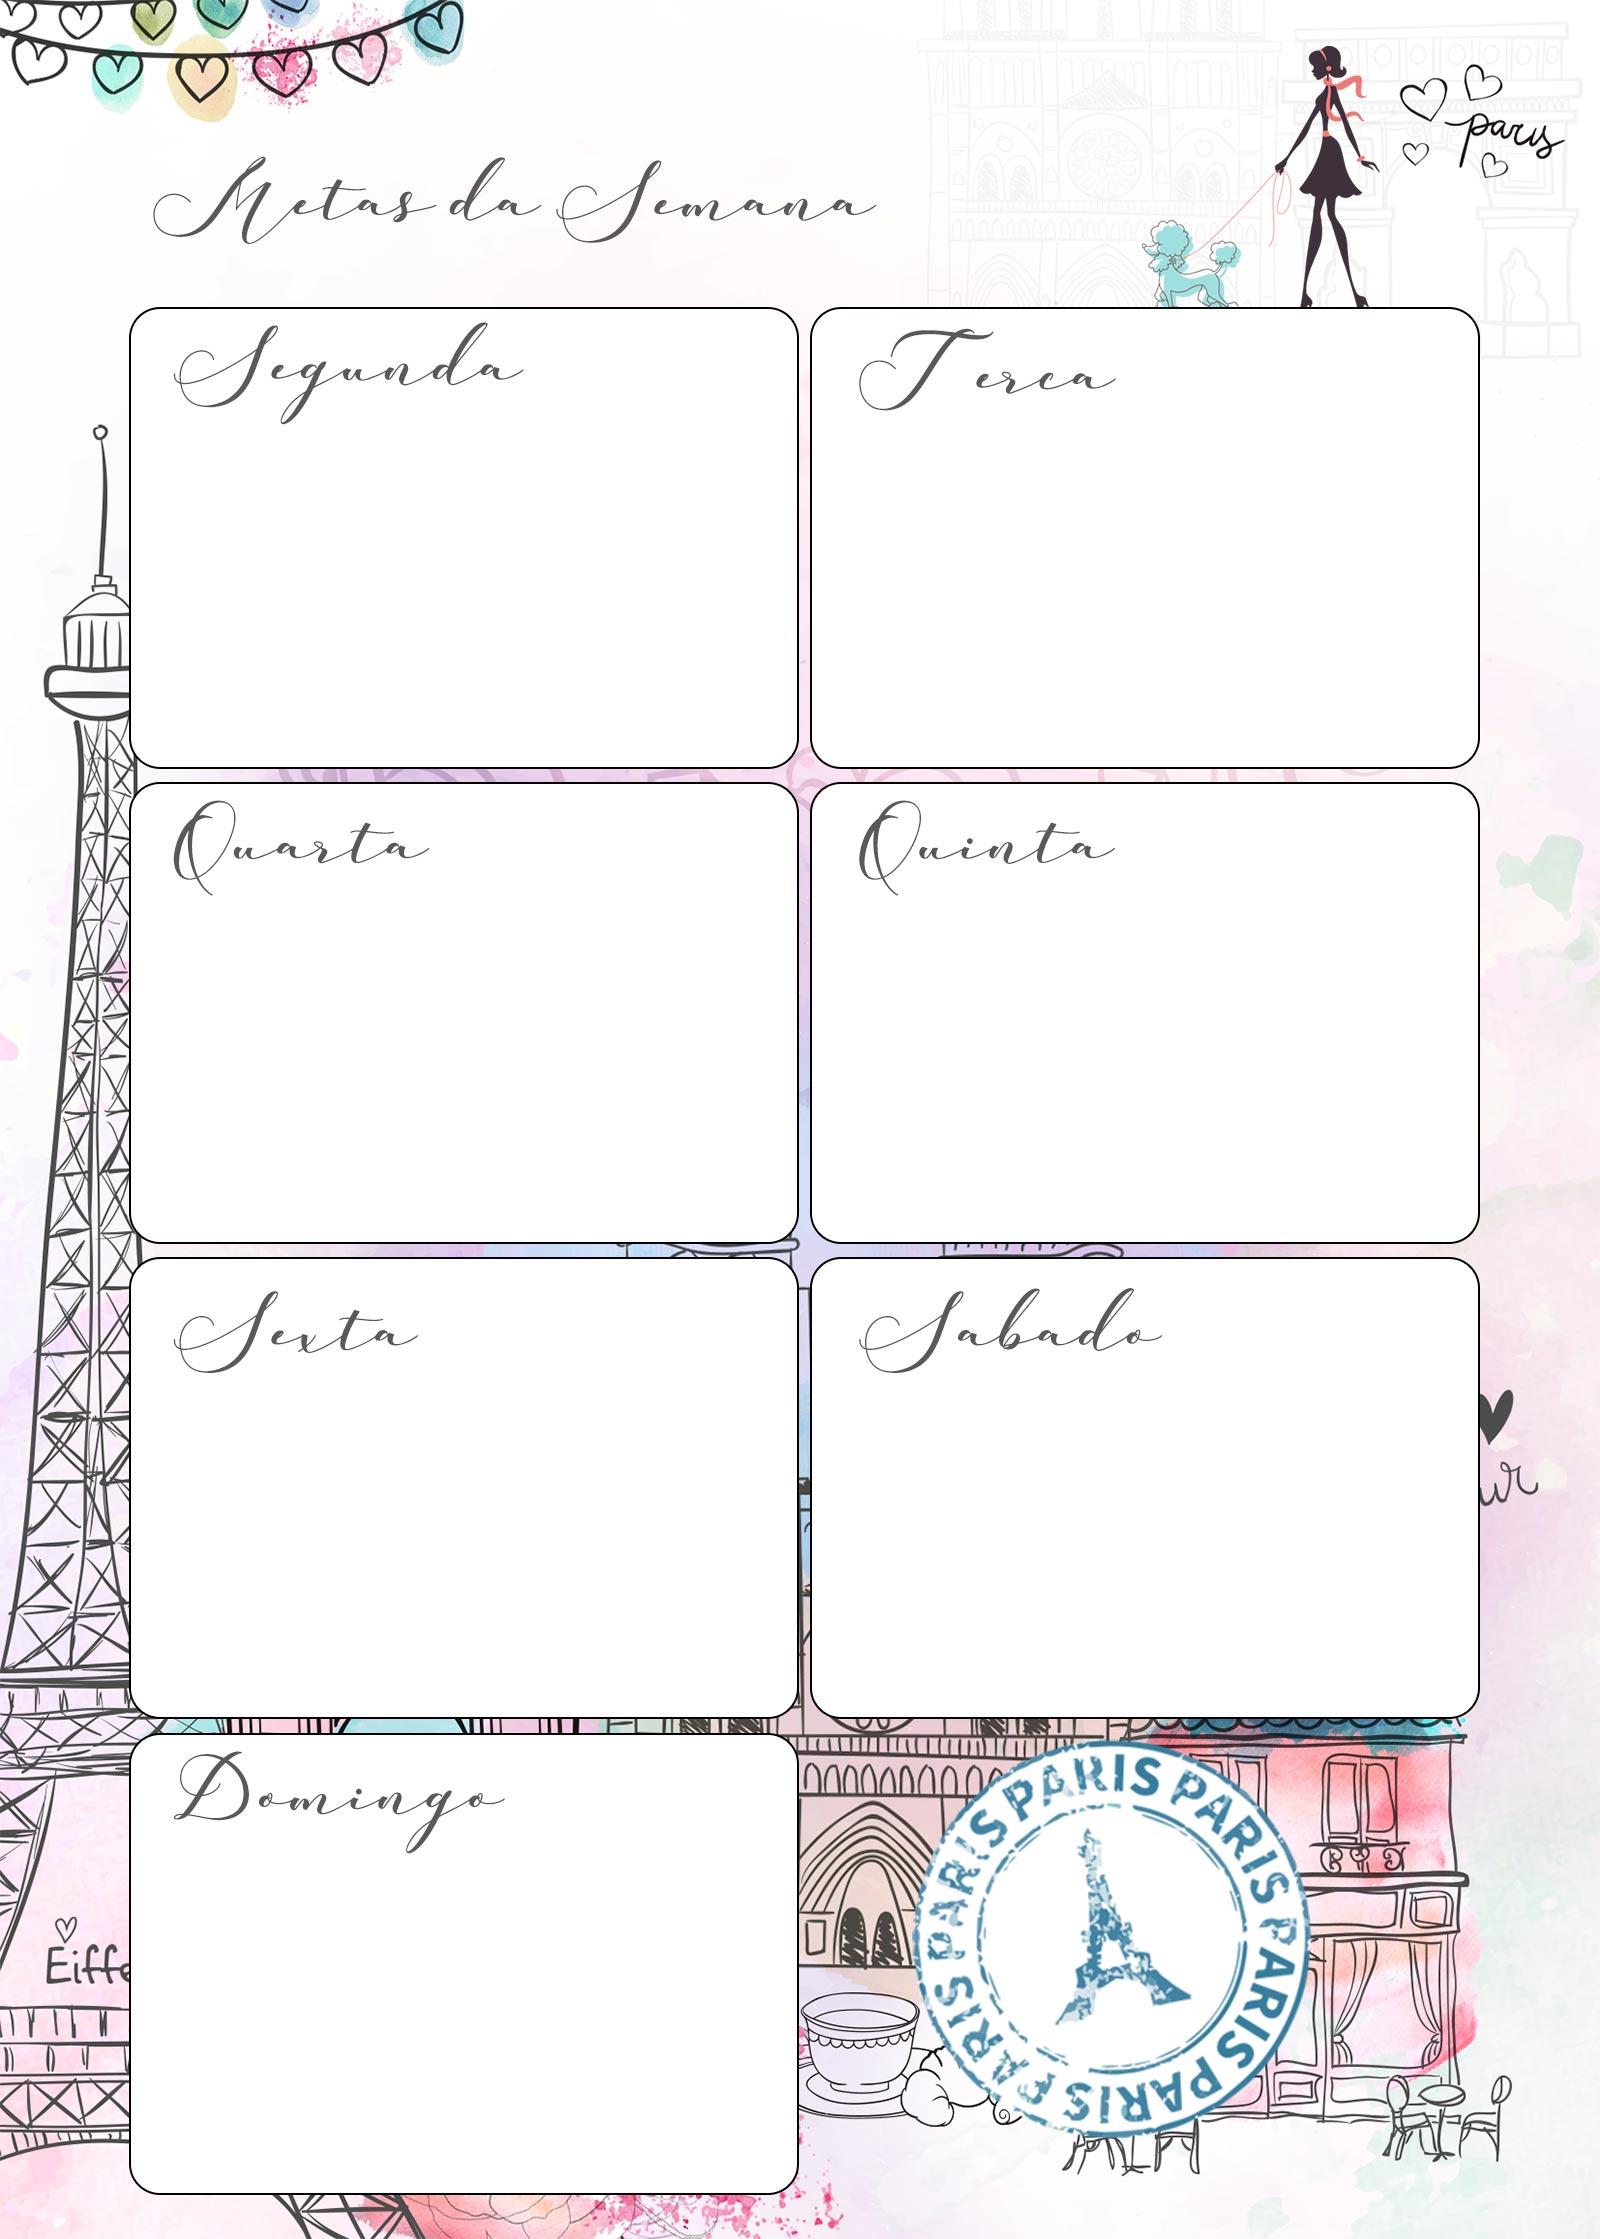 Planner Paris metas da semana